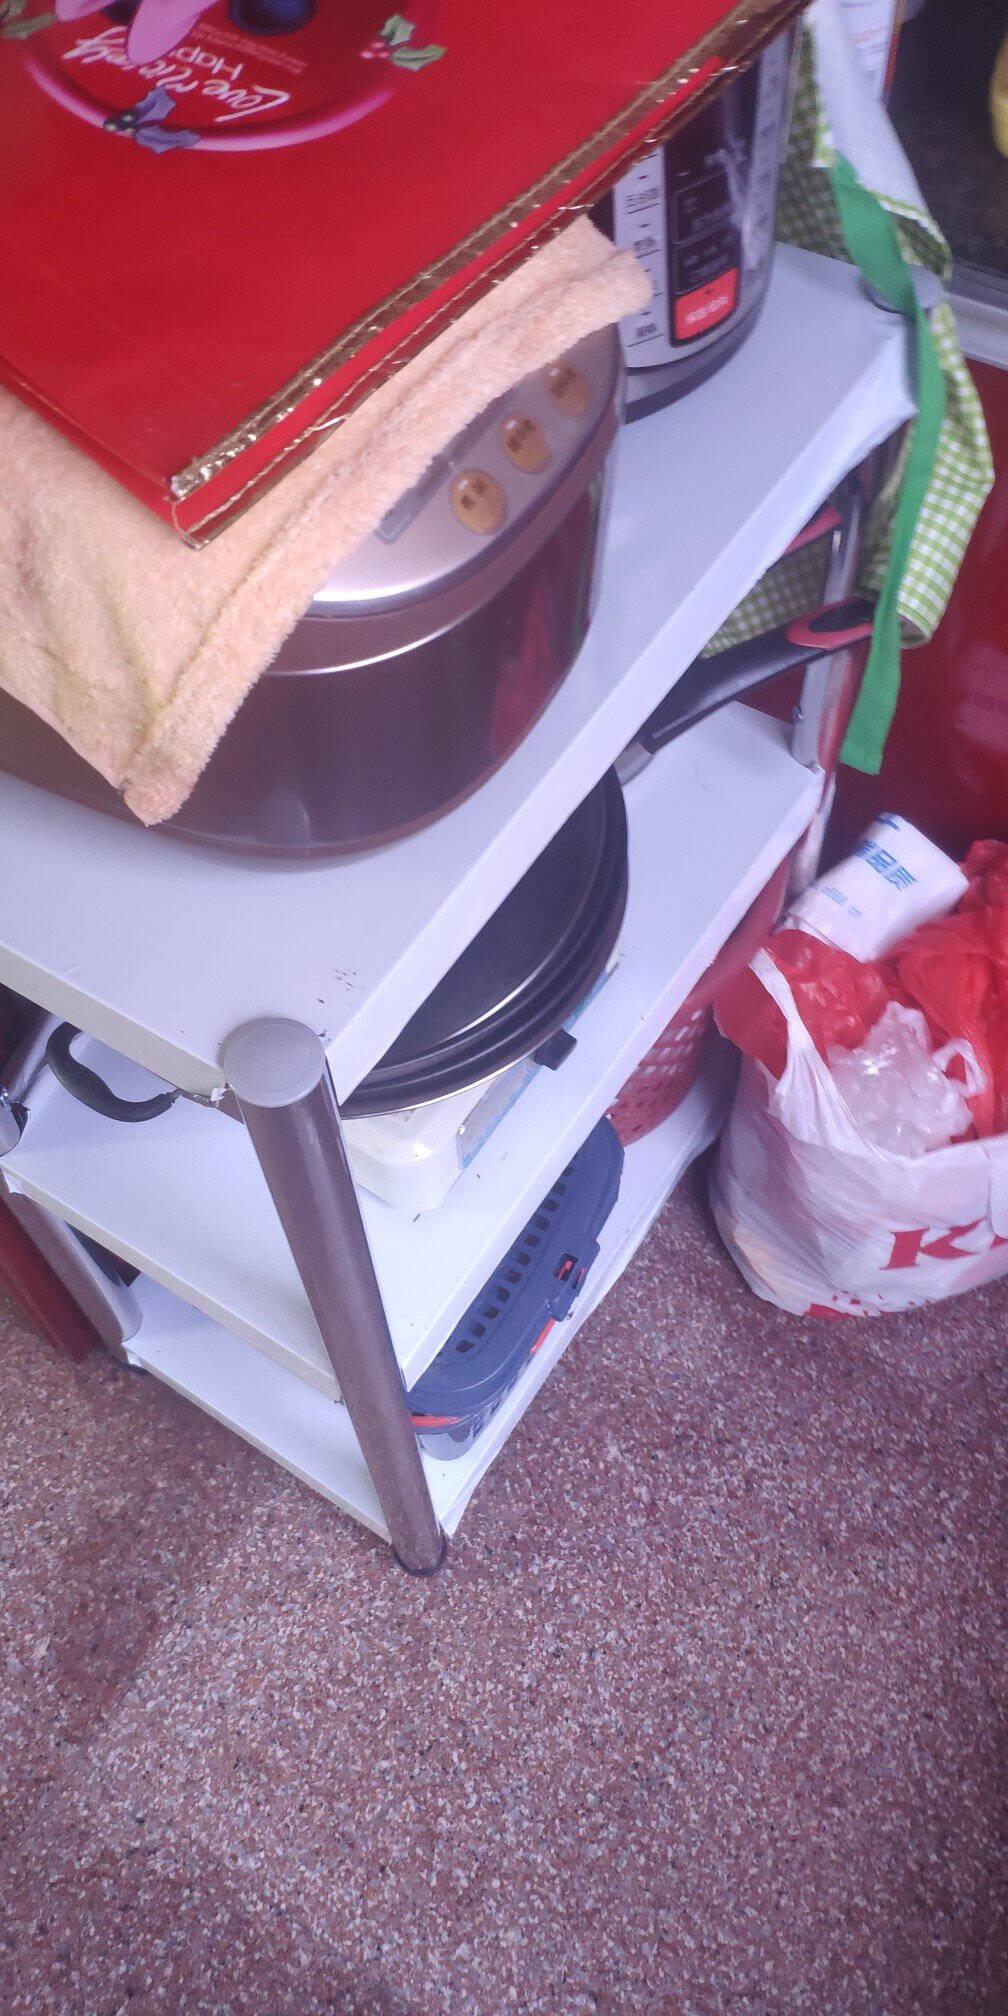 纳厨空间不锈钢厨房置物架落地多层厨具架厨房收纳架微波炉架储物架货架家用柜架子烤箱架锅架长60宽35高80三层